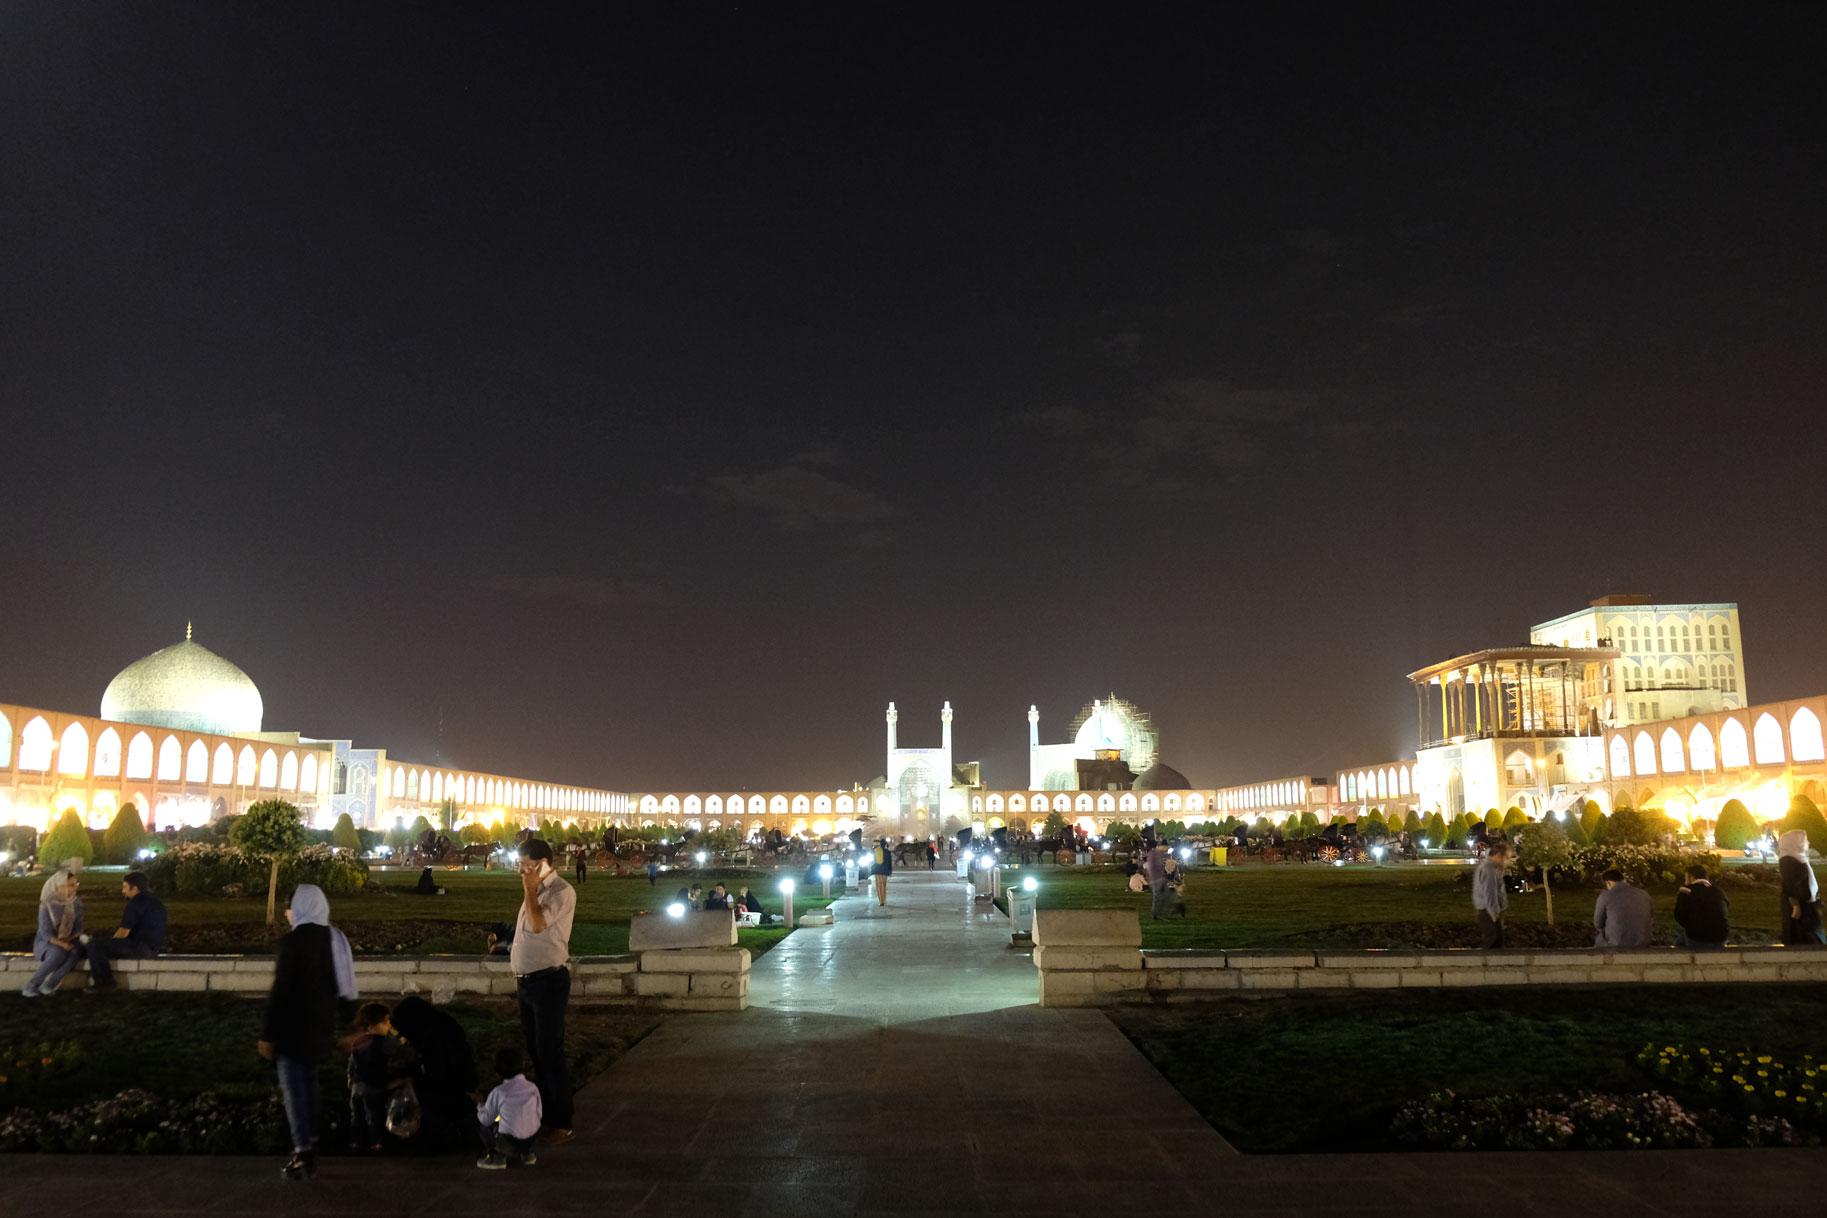 Den Naqsh-e Jahan Platz haben wir übrigens nach unserer Einkaufstour dann doch noch besucht. Allerdings war es da bereits dunkel.